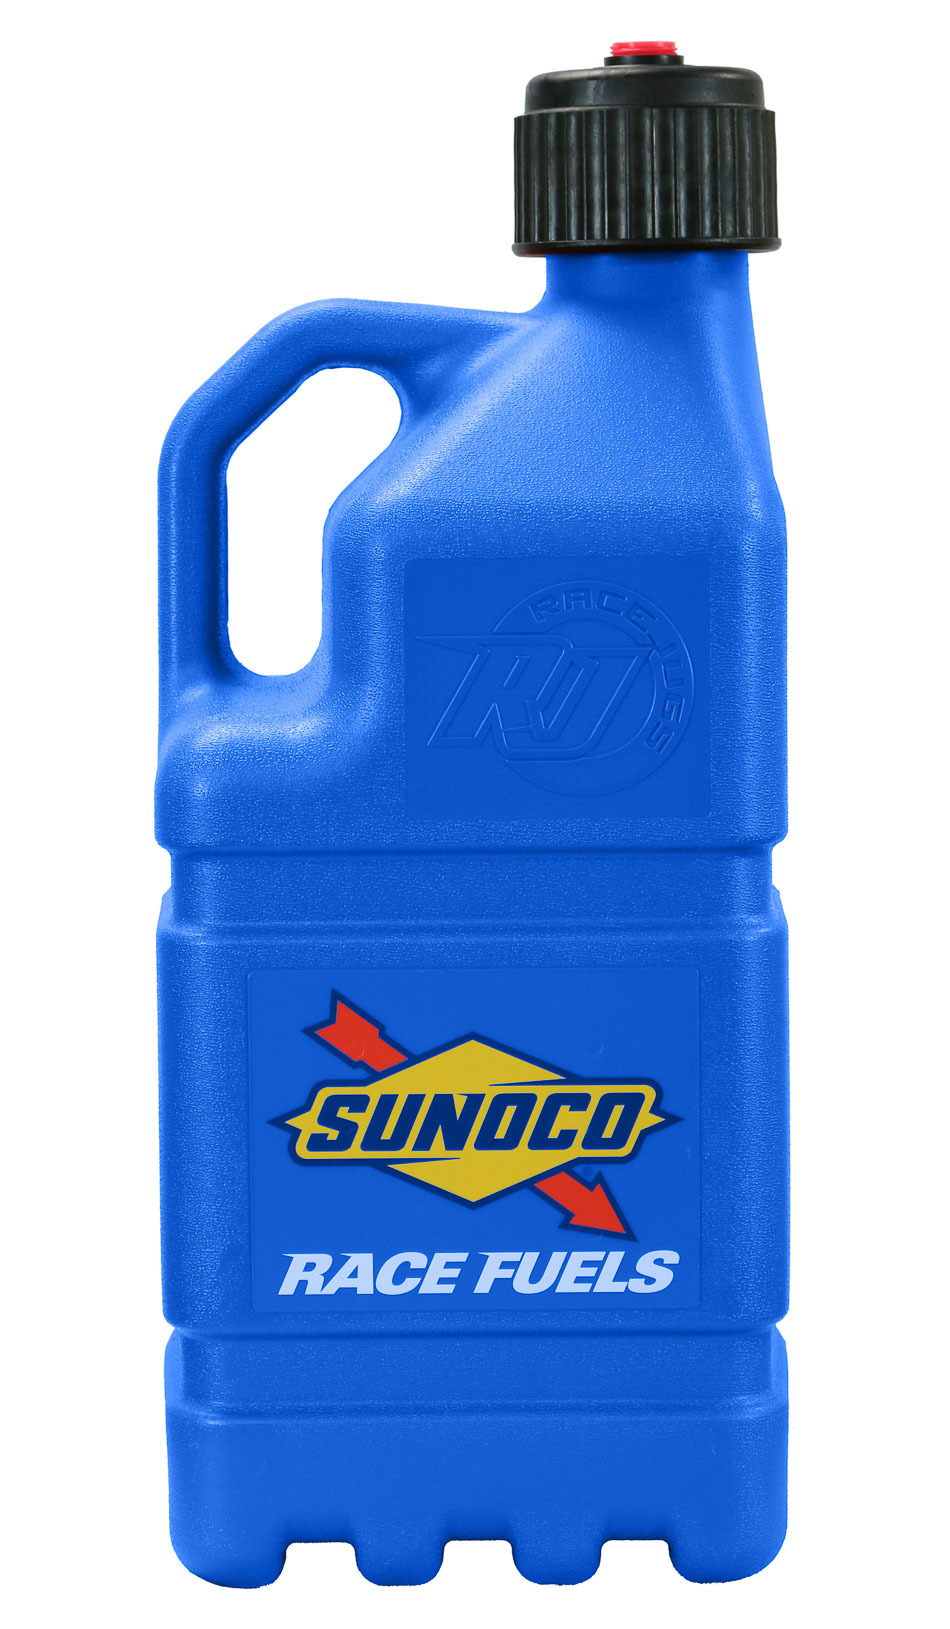 Sunoco Race Jugs Blue Sunoco Race Jug Gen 2 No Vent